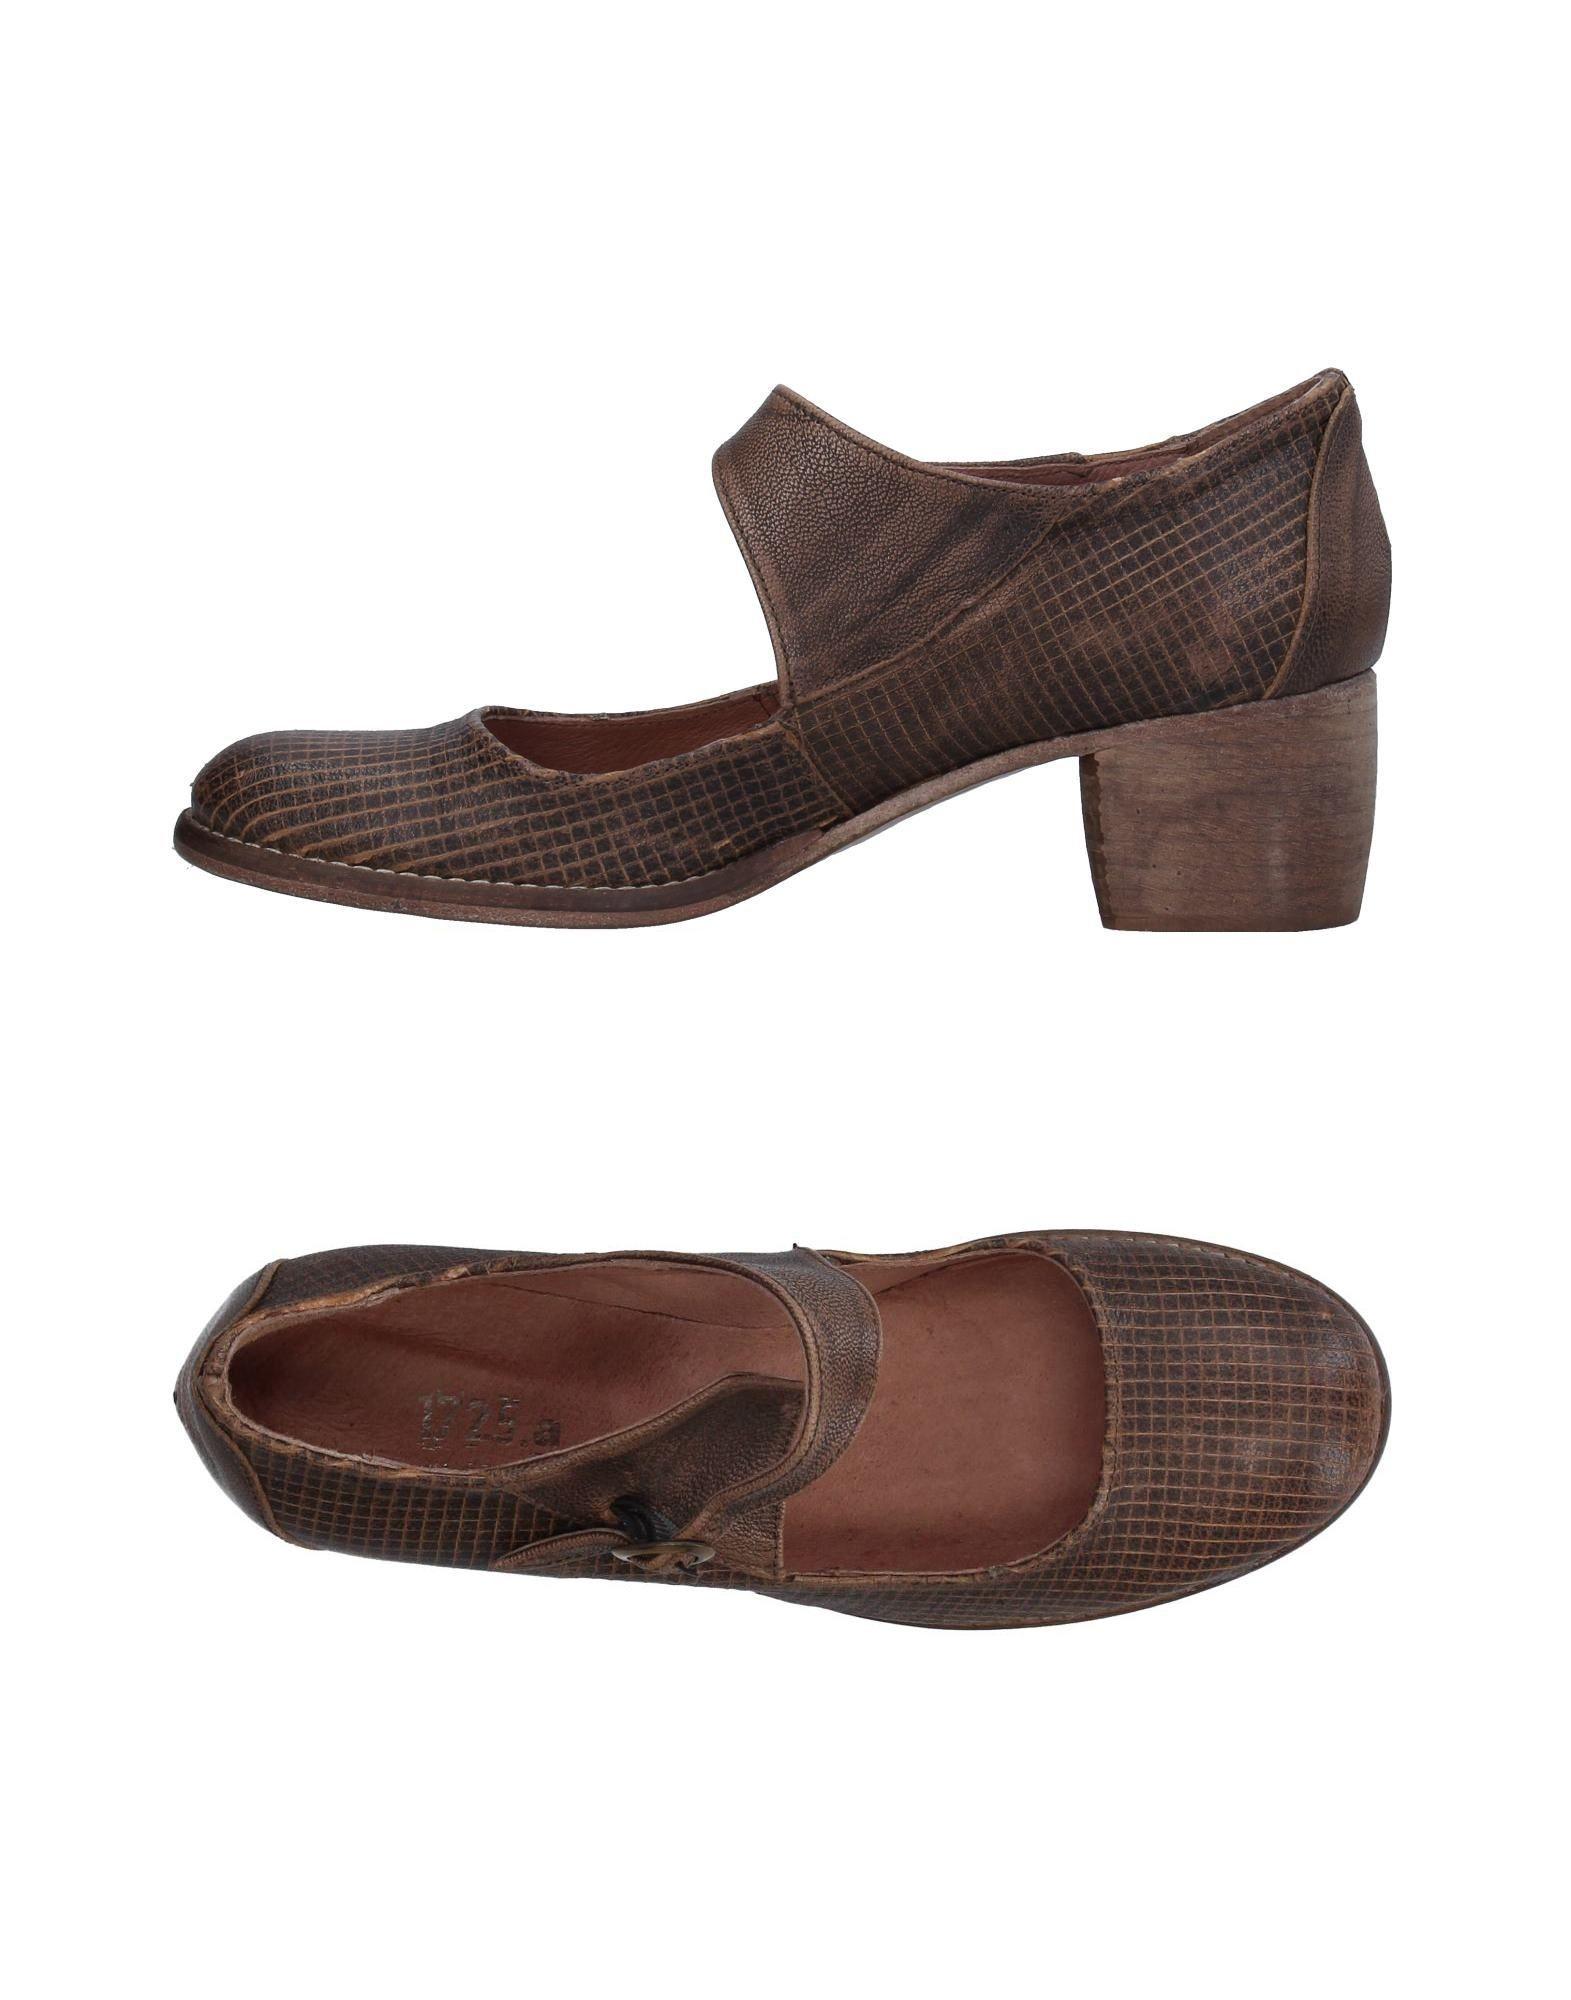 Los zapatos zapatos Los más populares para hombres y mujeres Zapato De Salón 1725.A Mujer - Salones 1725.A  Caqui 012aff